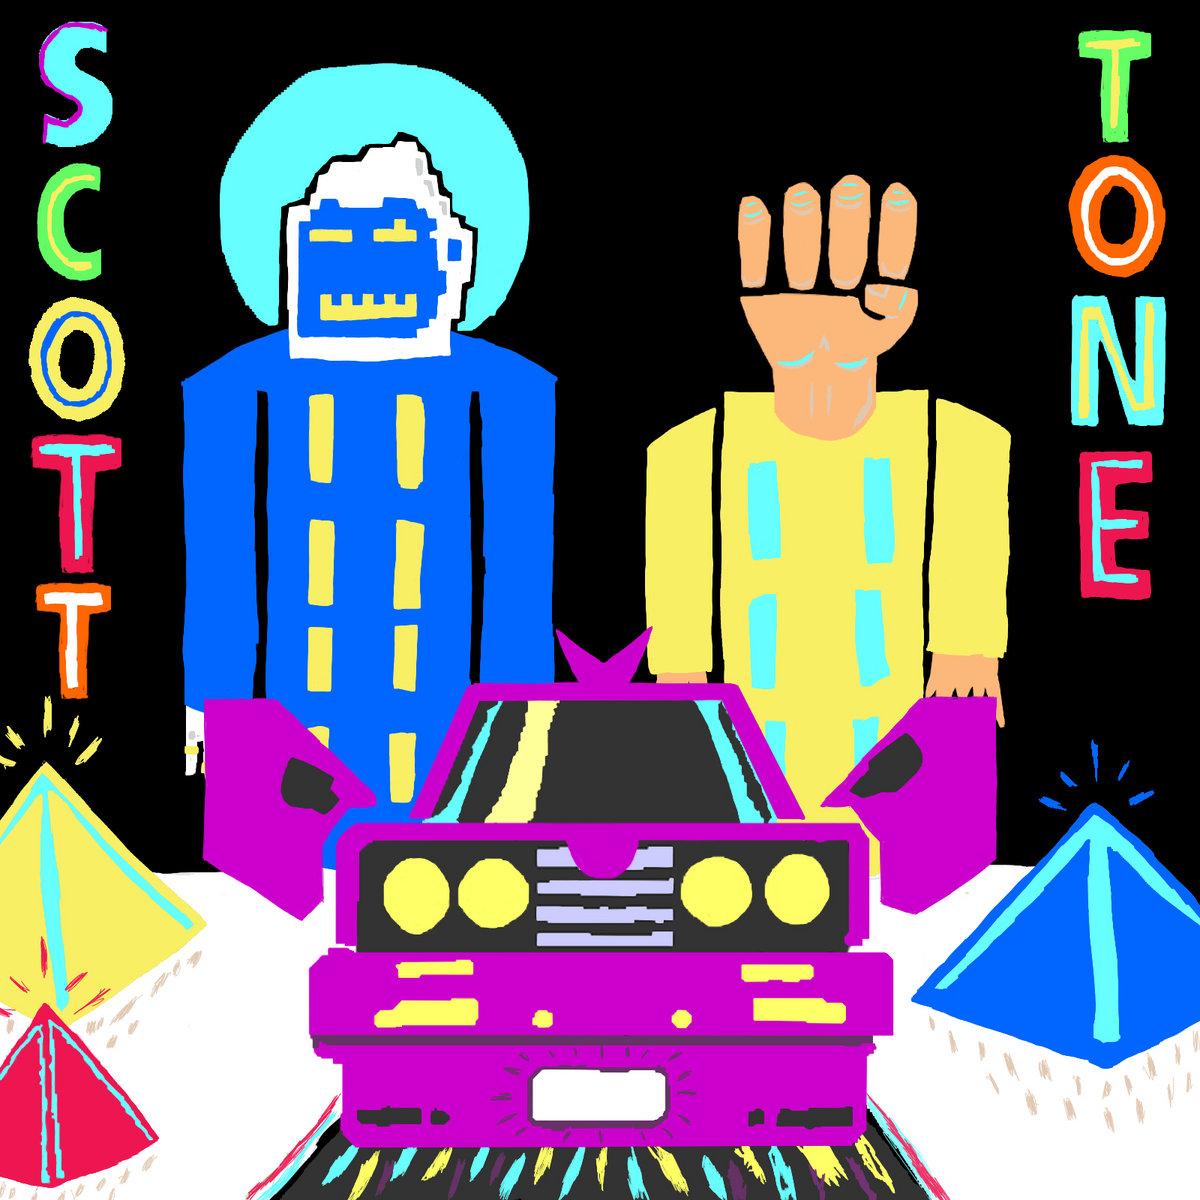 album cover for Scott Thorough & Tone Tank's album Scott & Tone